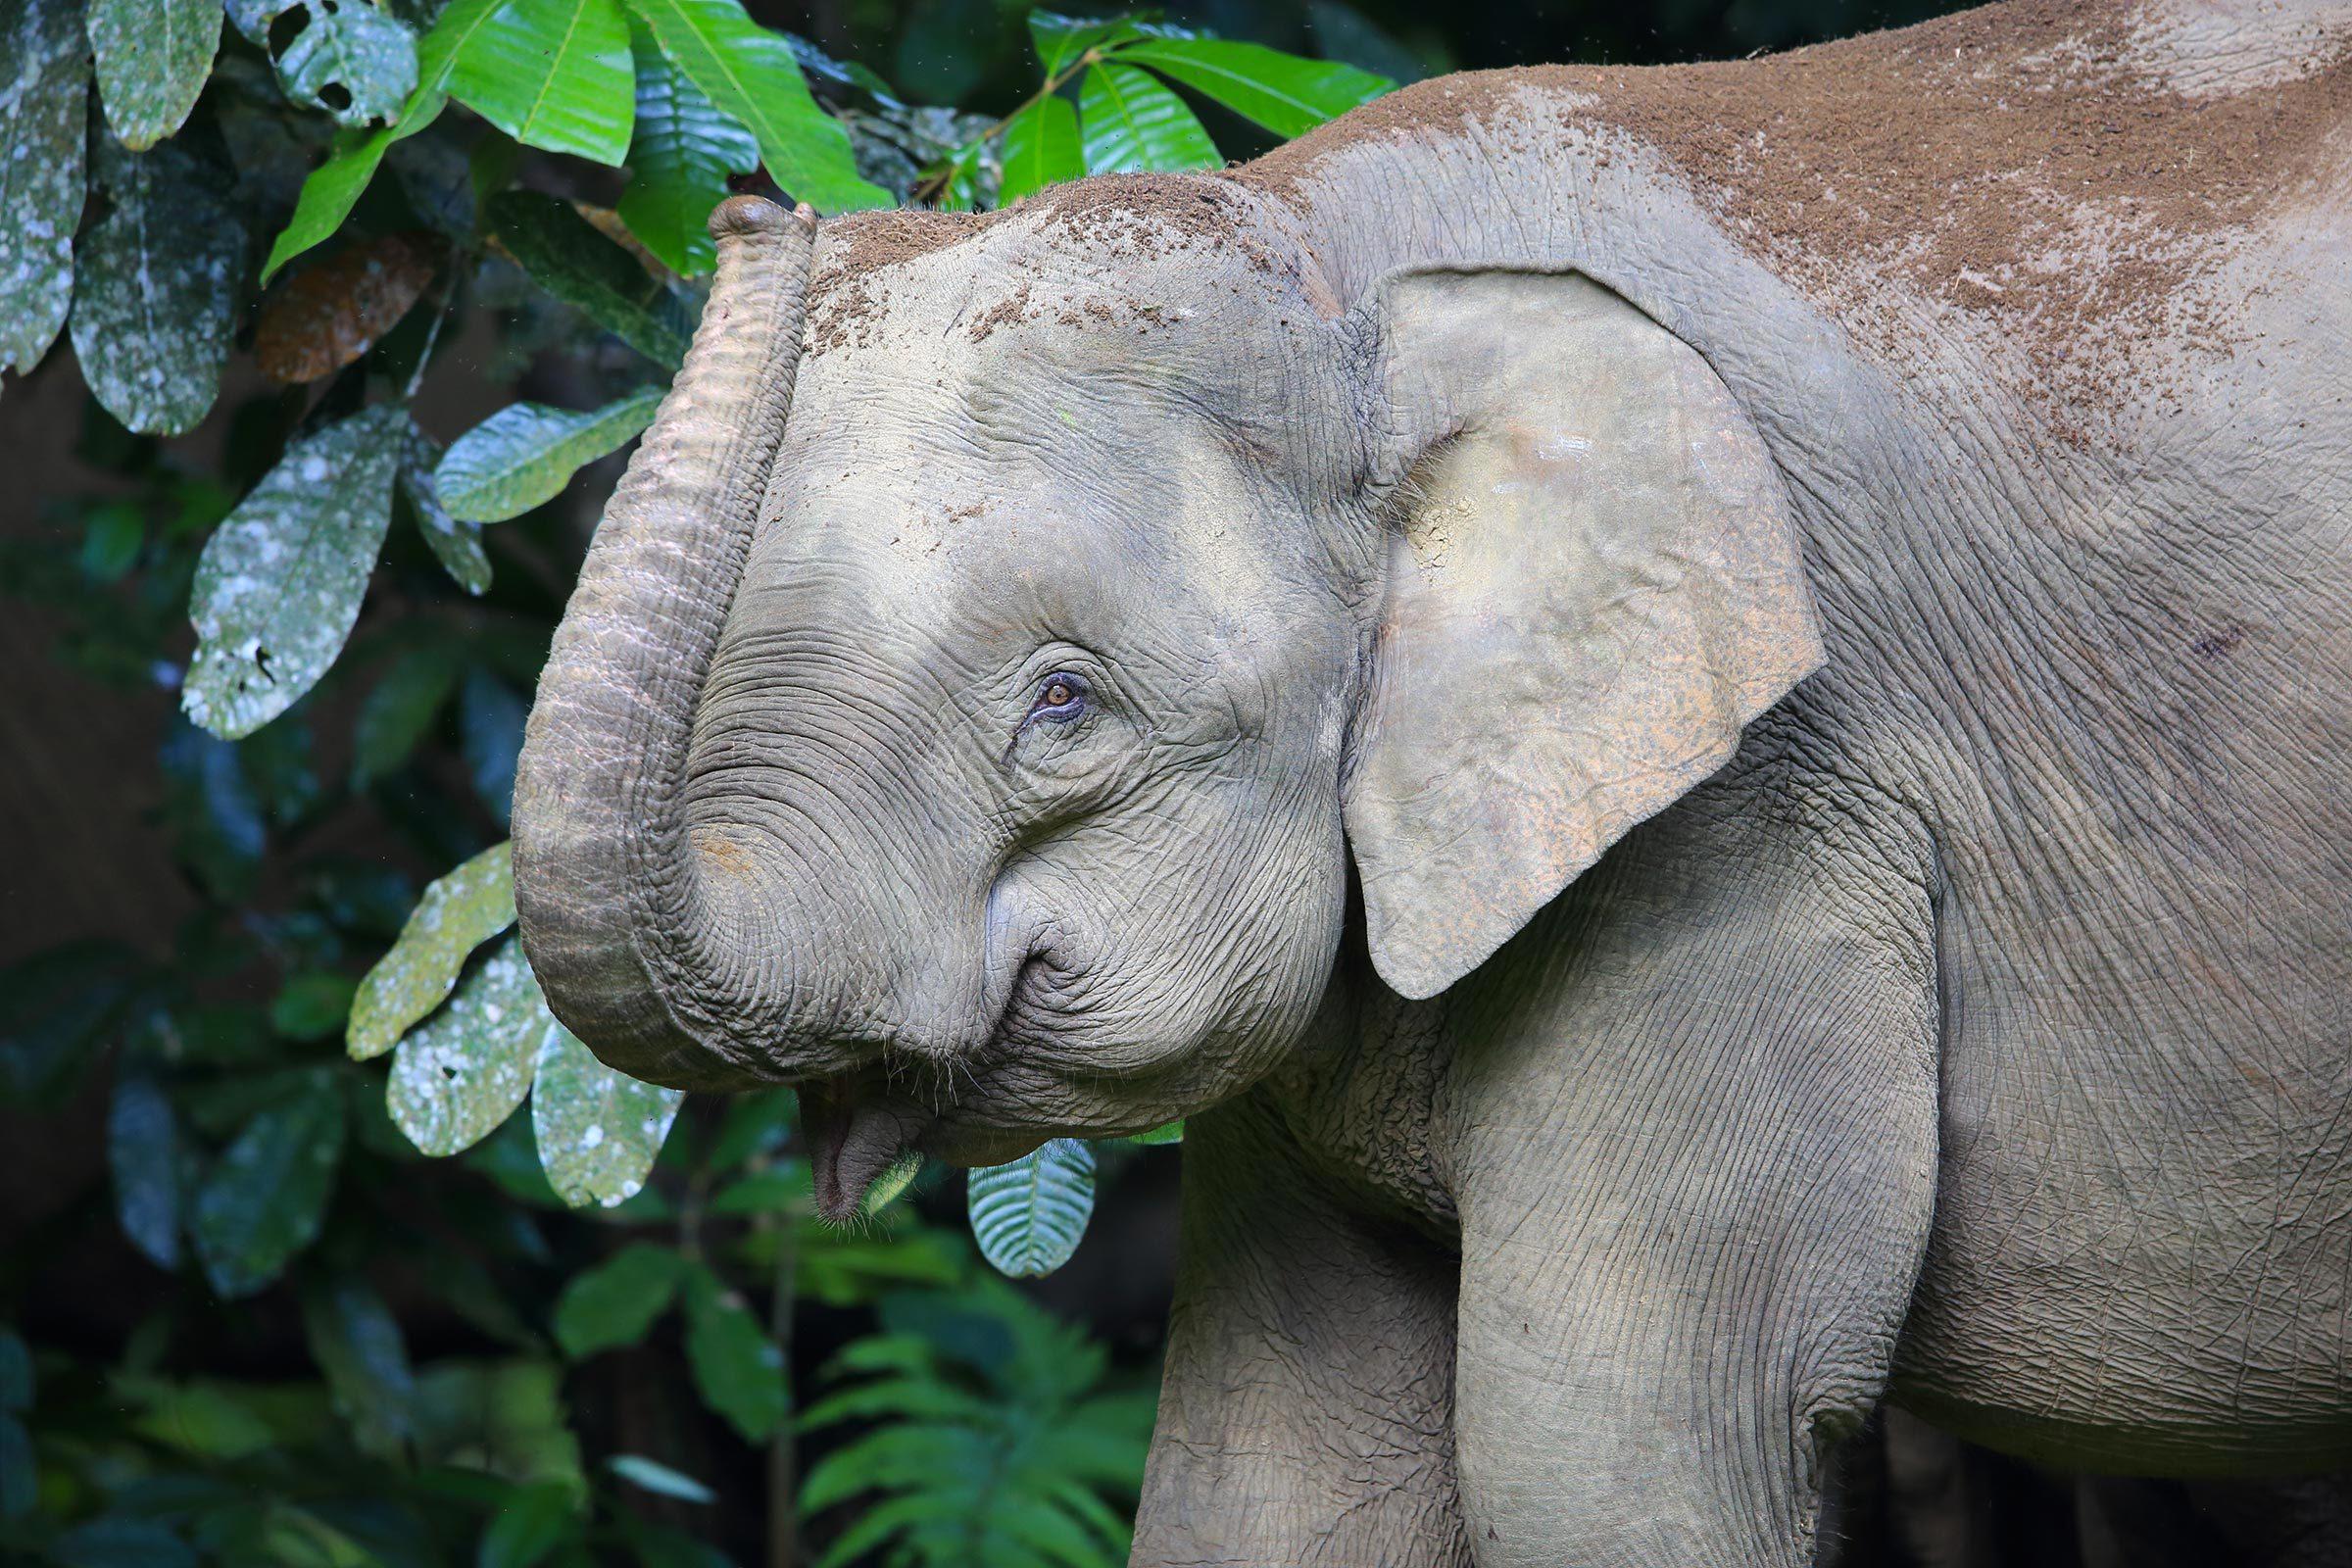 Espèces menacées : éléphant de Bornéo (Elephas maximus borneensis)